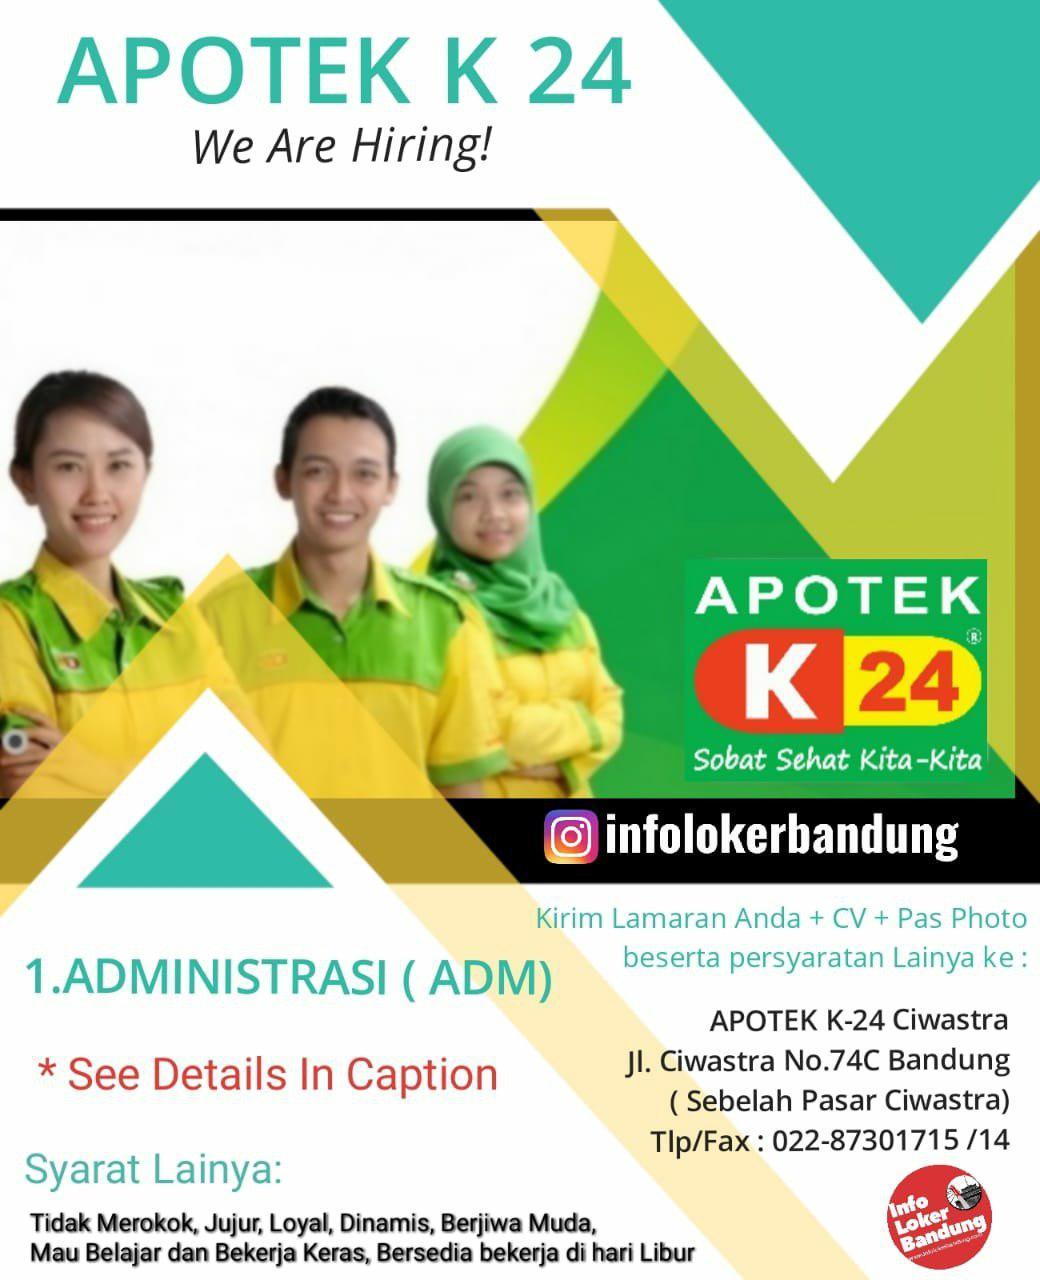 Lowongan Kerja Apotek K-24 Ciwastra Bandung September 2019